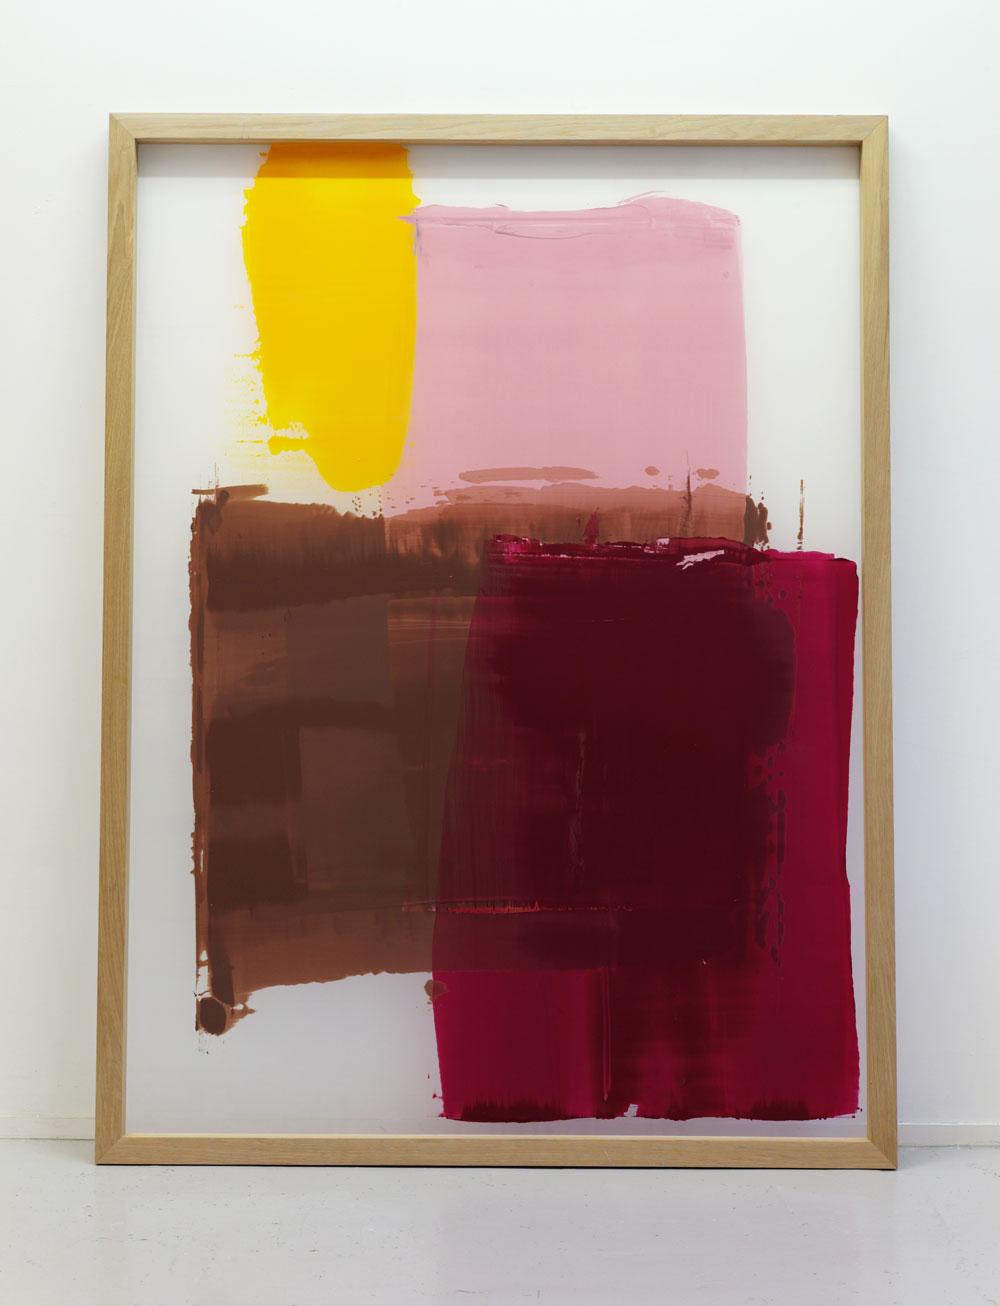 Vilde Salhus Røed. Fra serien After The Masters (2014). Eik, silketrykkduk og malingsrester. 200 x 150 cm